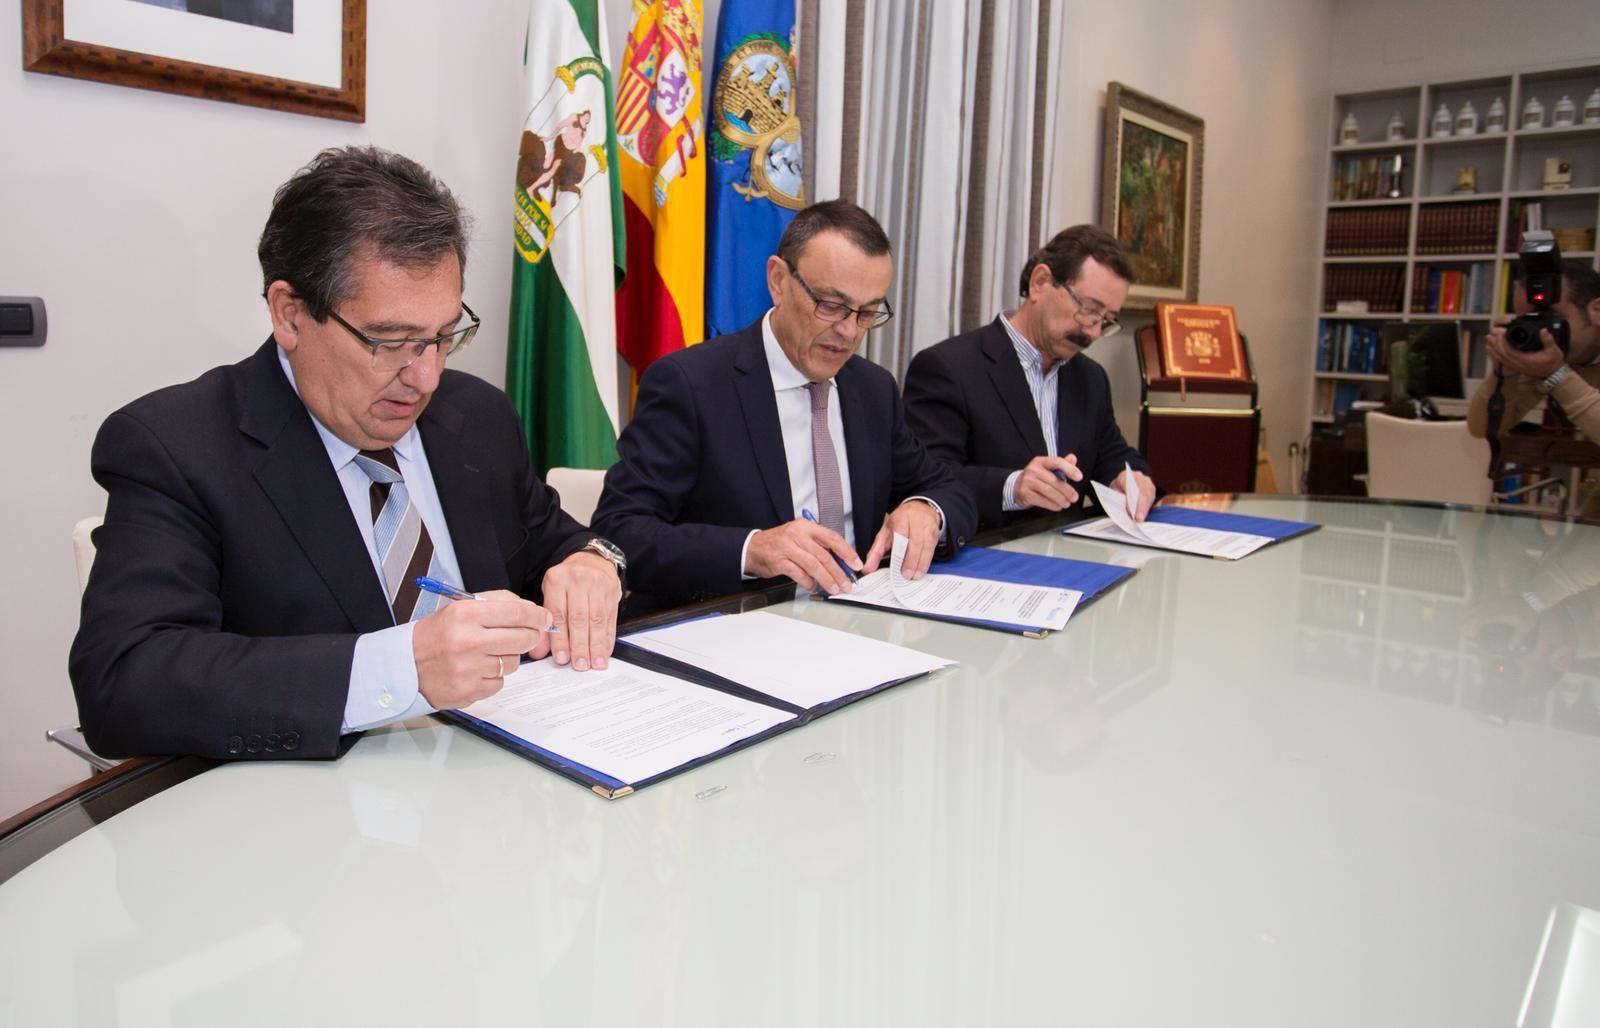 Antonio Pulido Gutiérrez en la firma, con el presidente de la Diputación y el presidente de la Hermandad